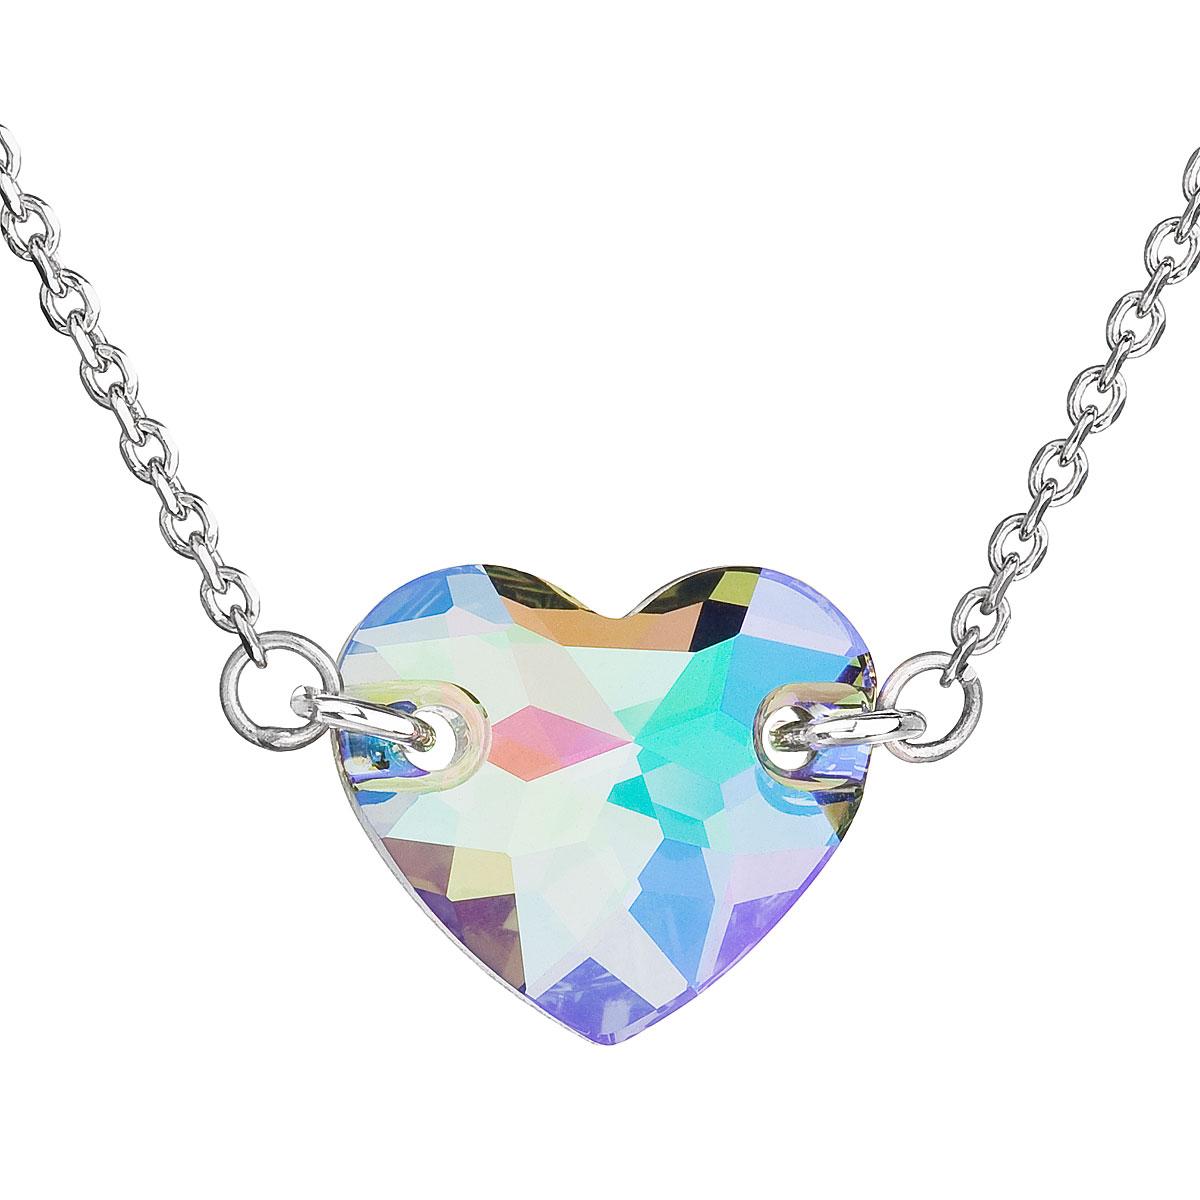 Strieborný náhrdelník s krištáľmi Swarovski zeleno-fialové srdce 32020.5